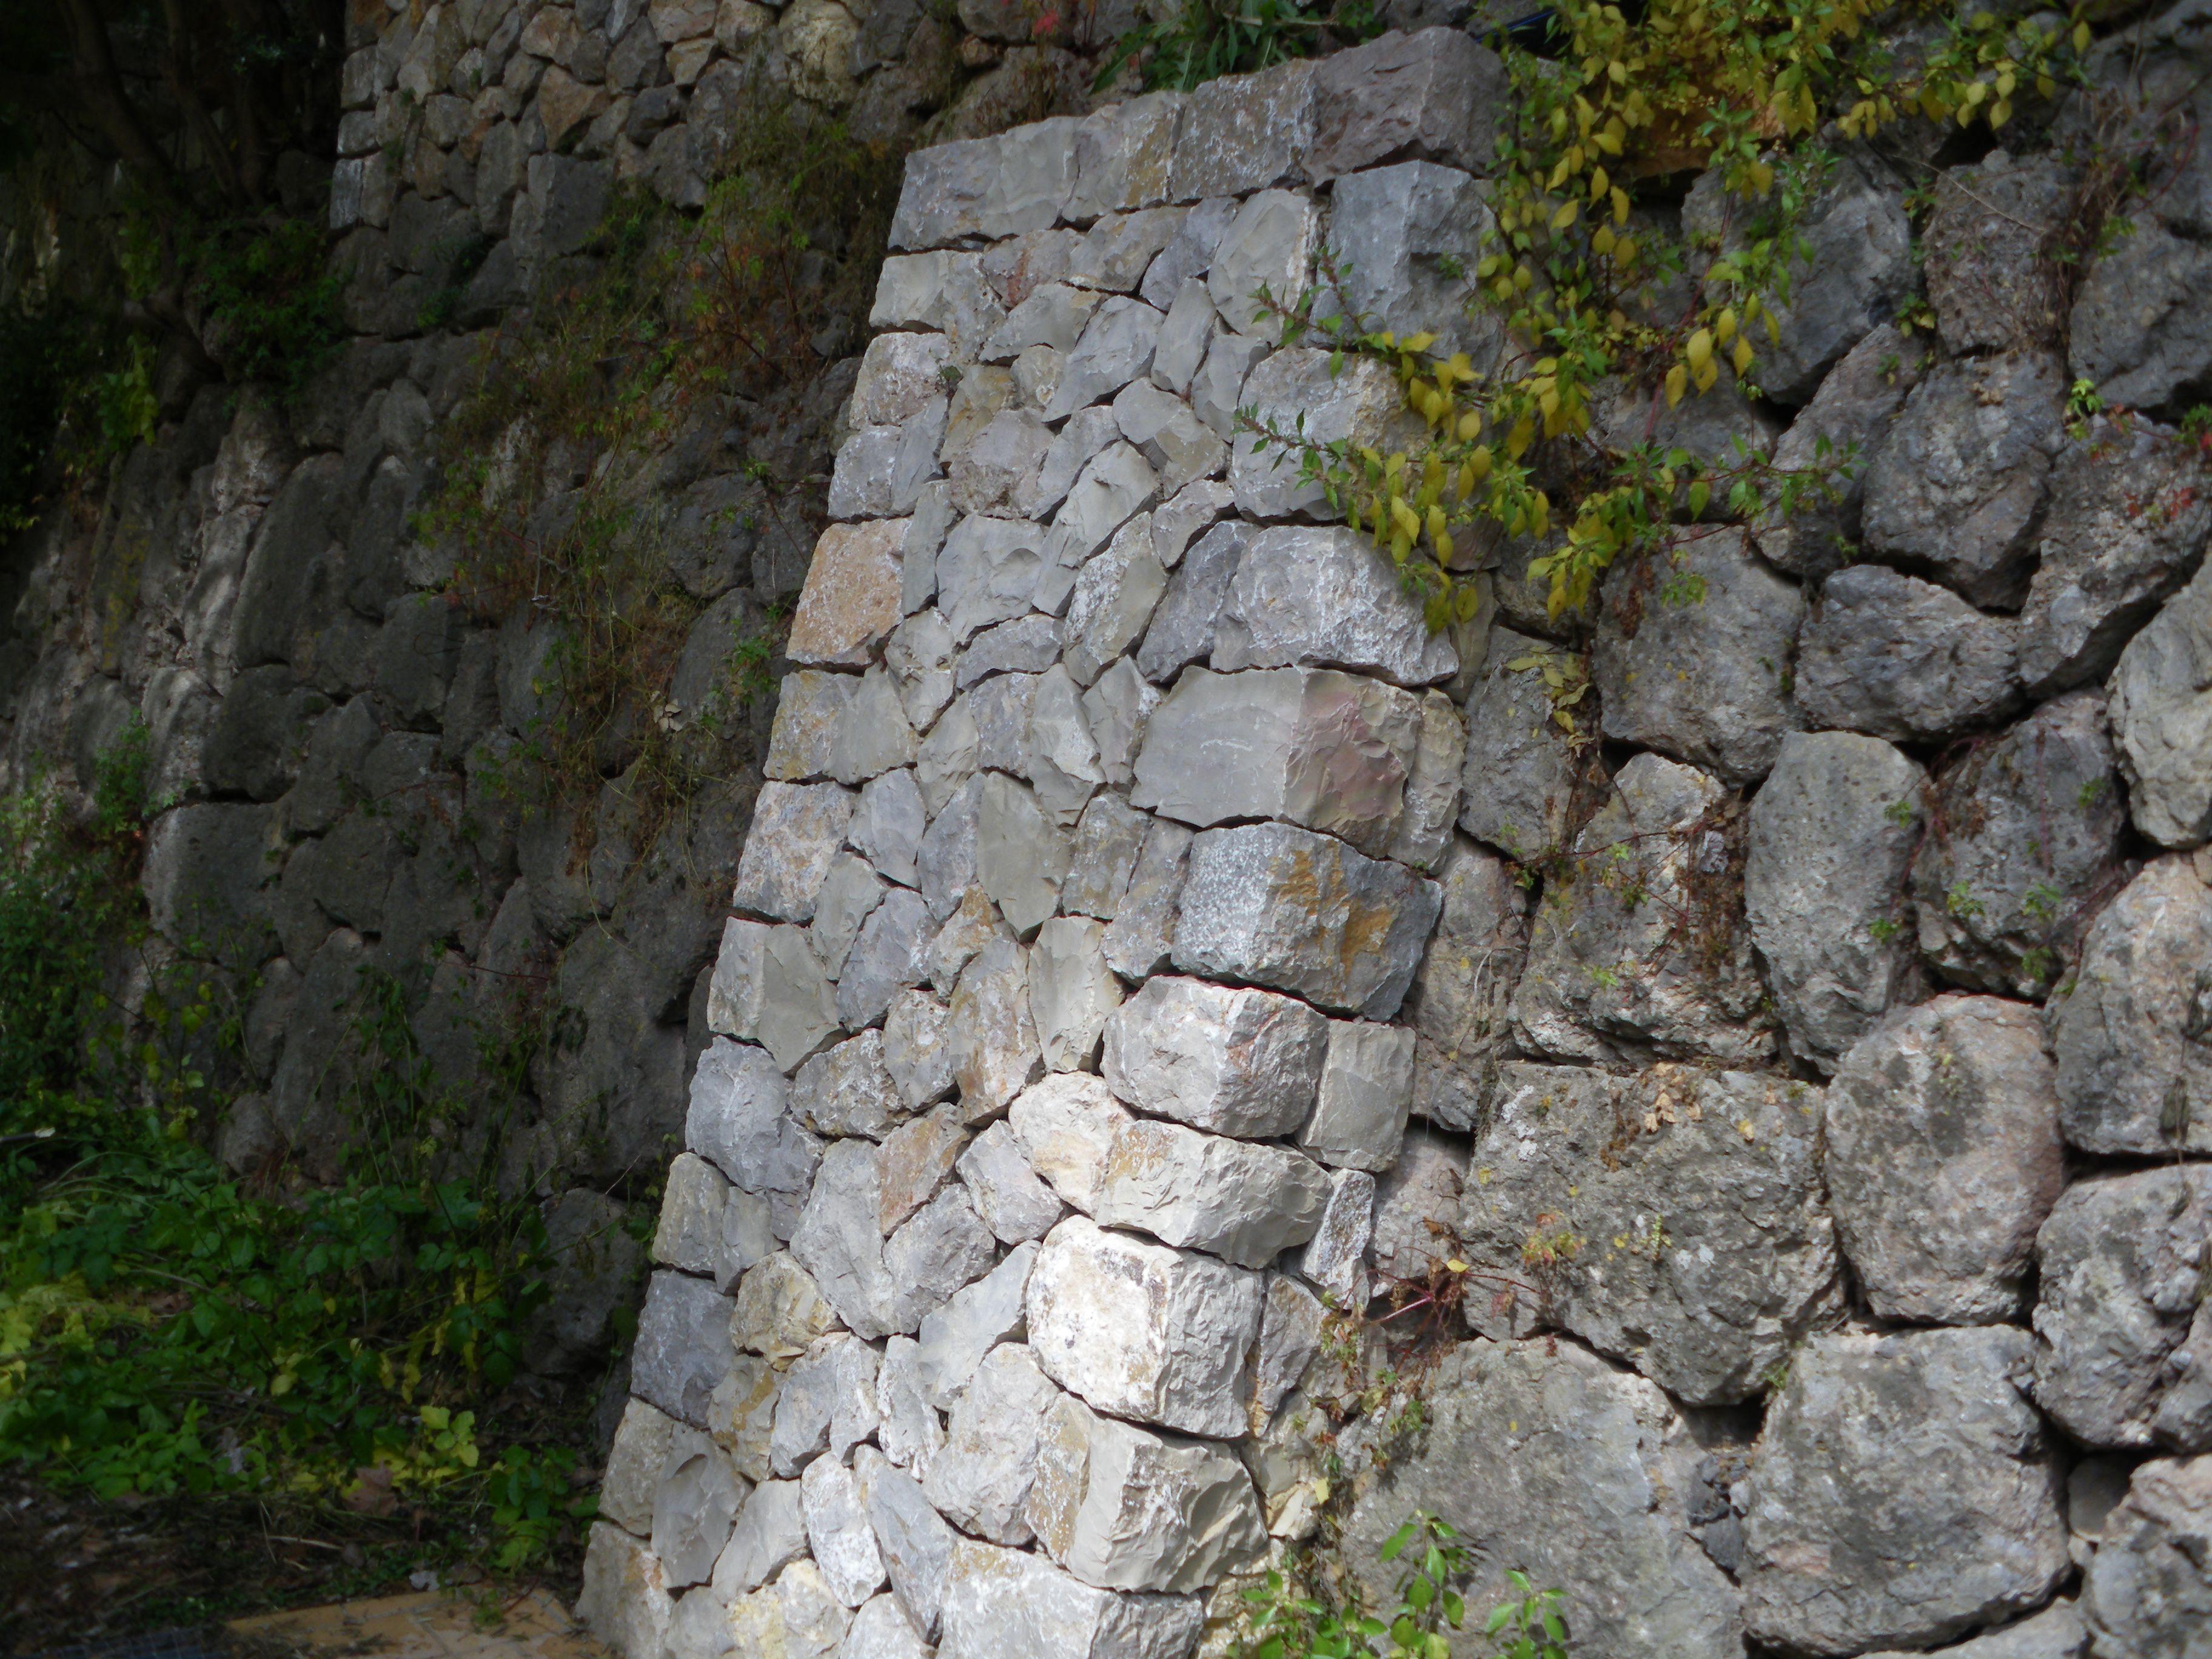 gaviones decorativos mil anuncios com para piedras 134526673 3 Contrafuerte de piedra en seco para muro de mampostería antiguo